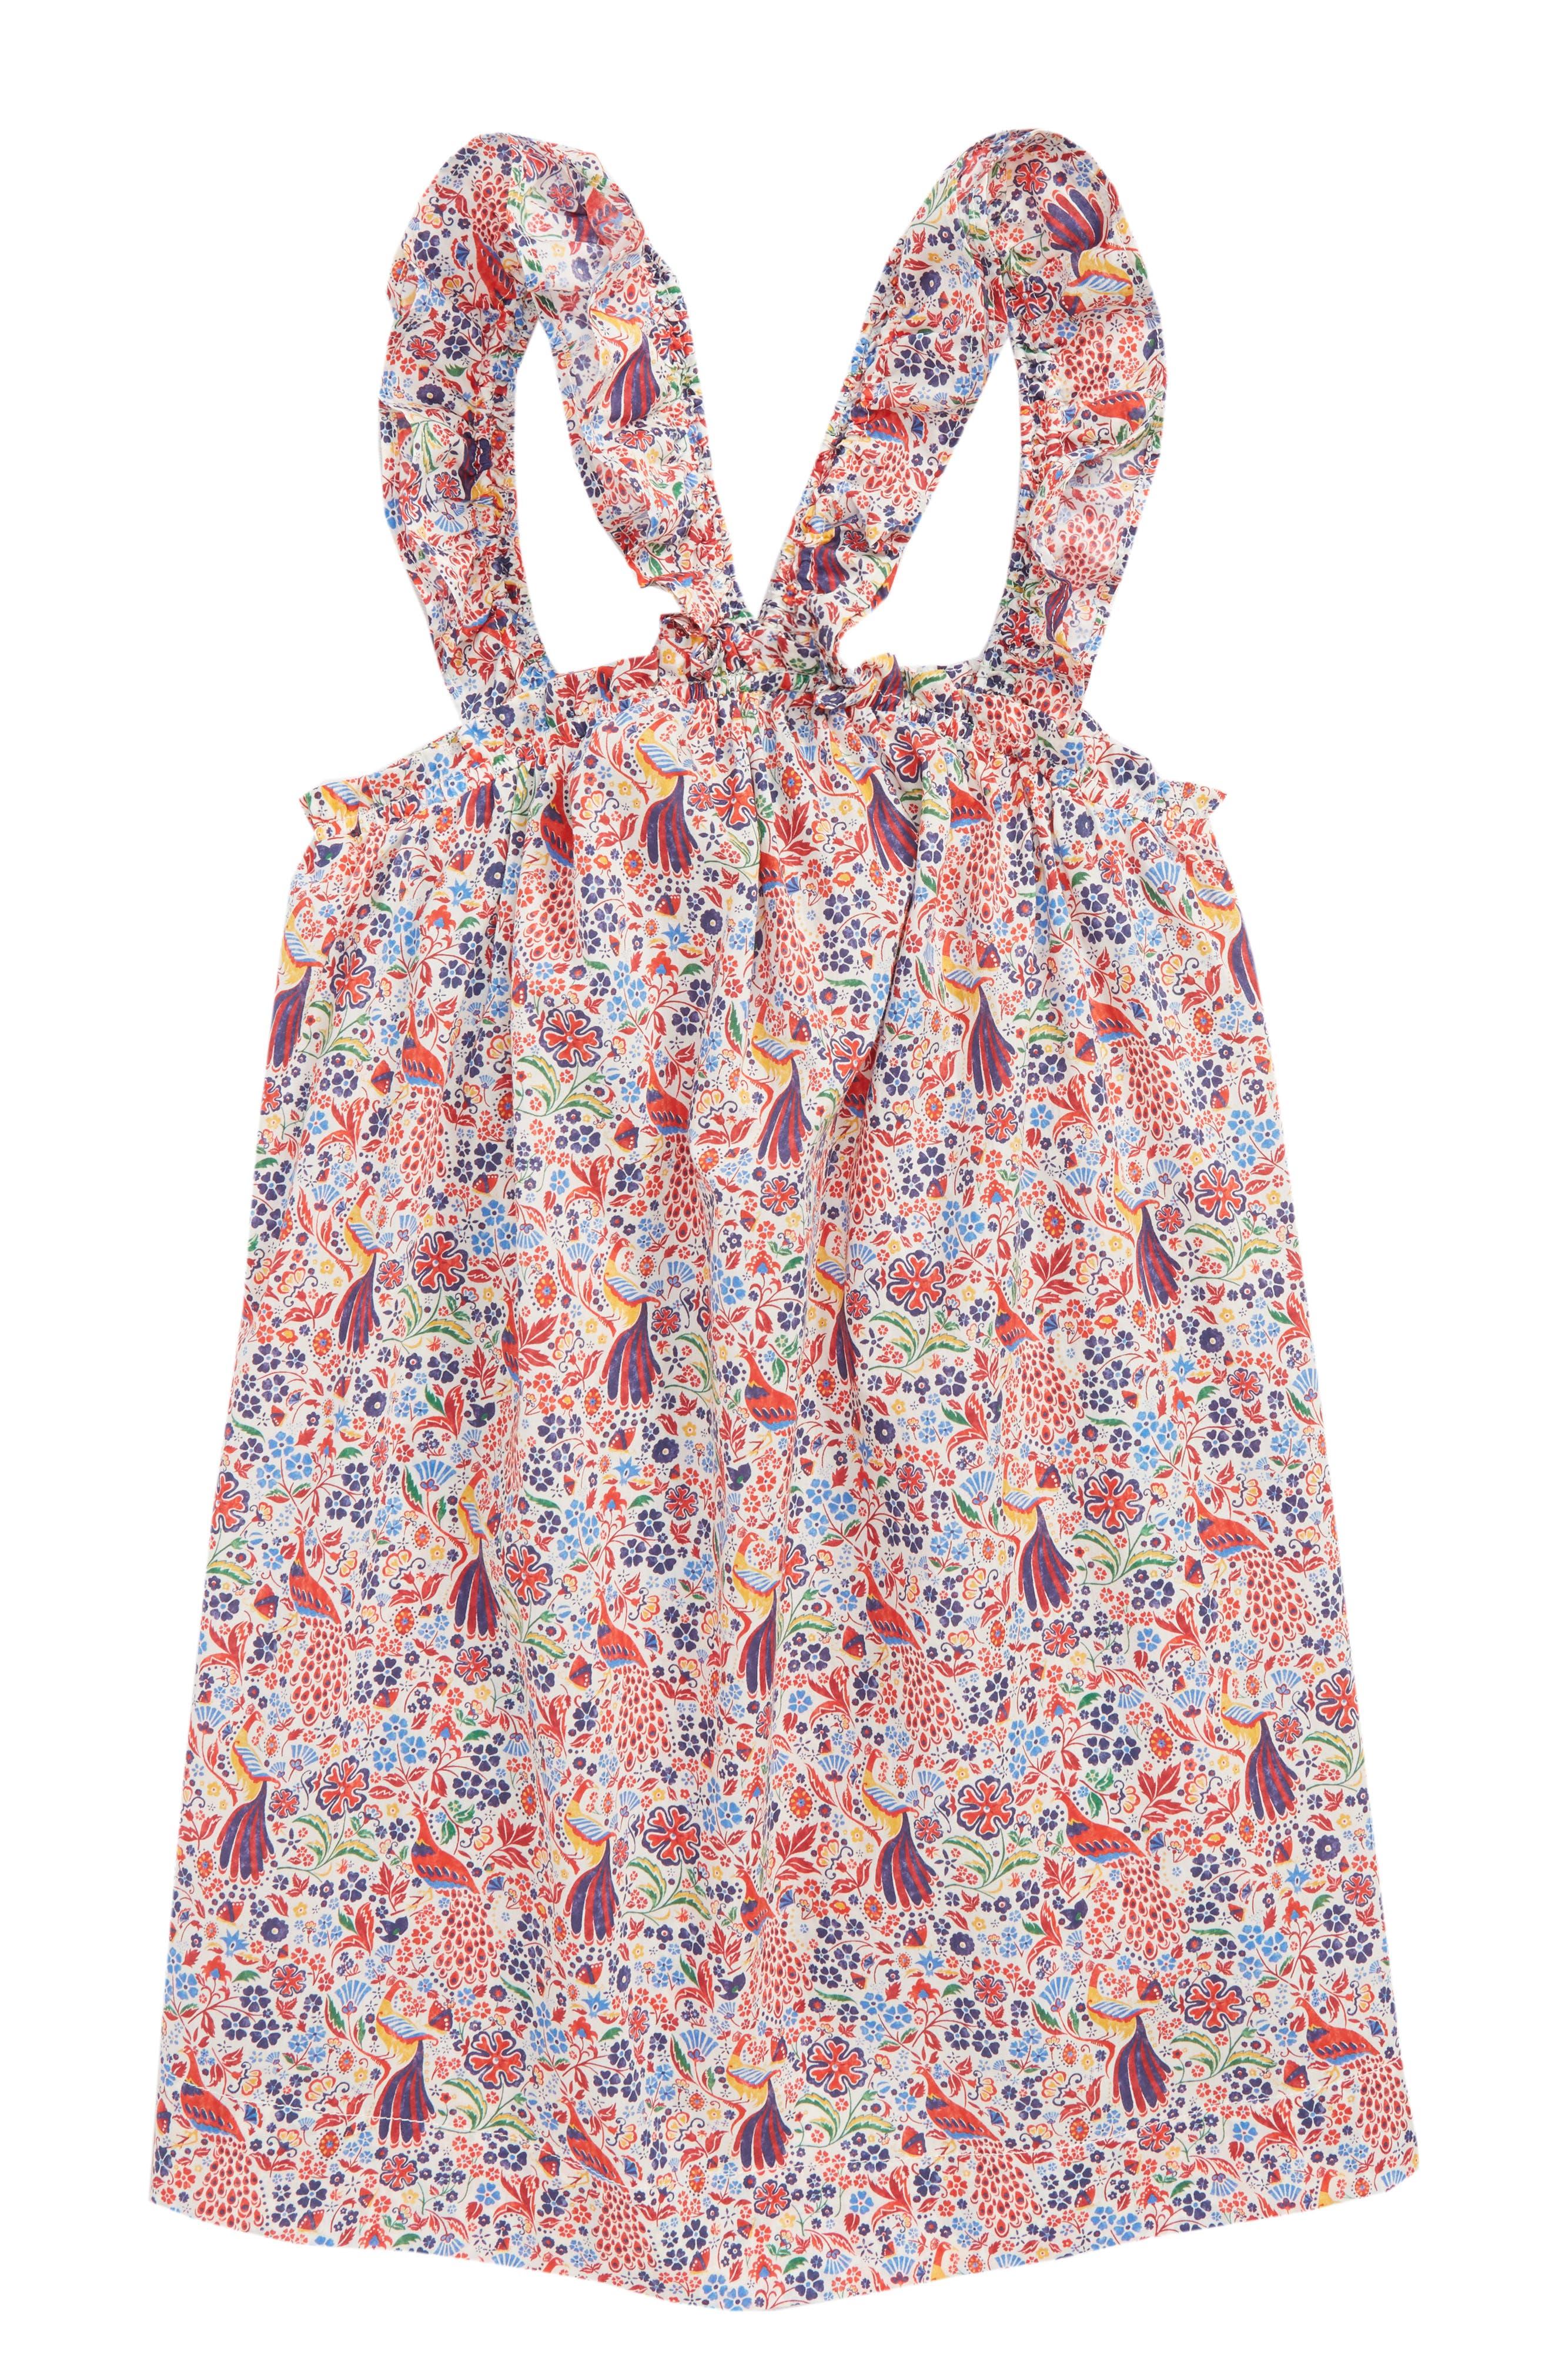 Liberty<sup>®</sup> Print Dress,                             Main thumbnail 1, color,                             650